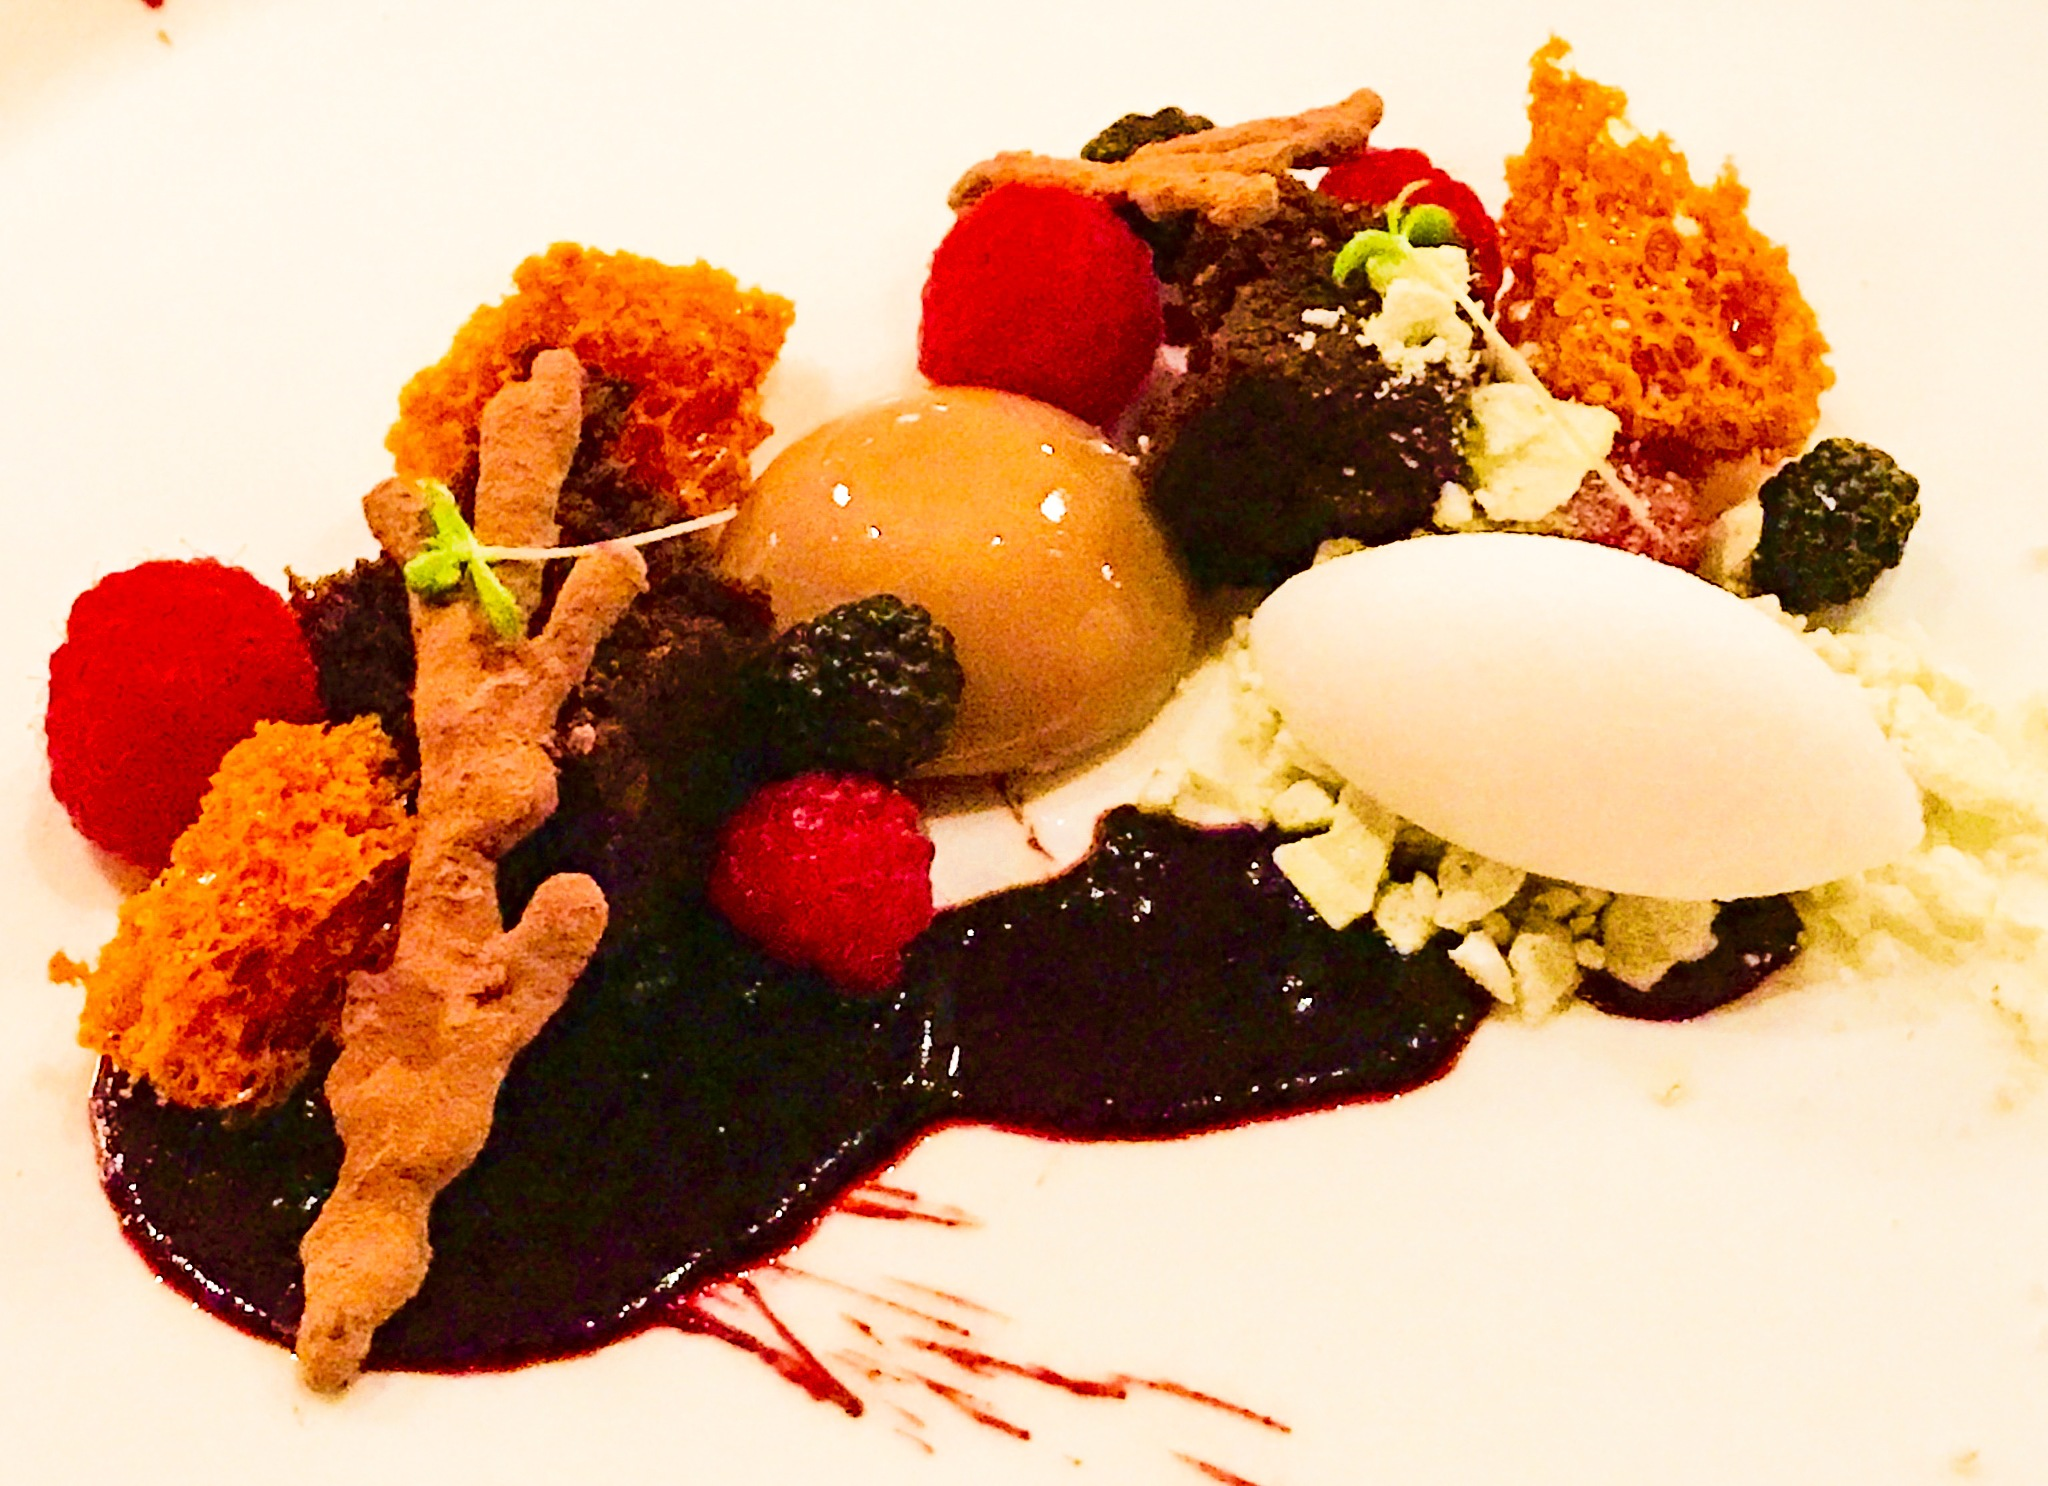 Crème au chocolat au lait Tanariva framboises, tire éponge, gâteau à la mélasse, sorbet au thé des b by Karen Bekker